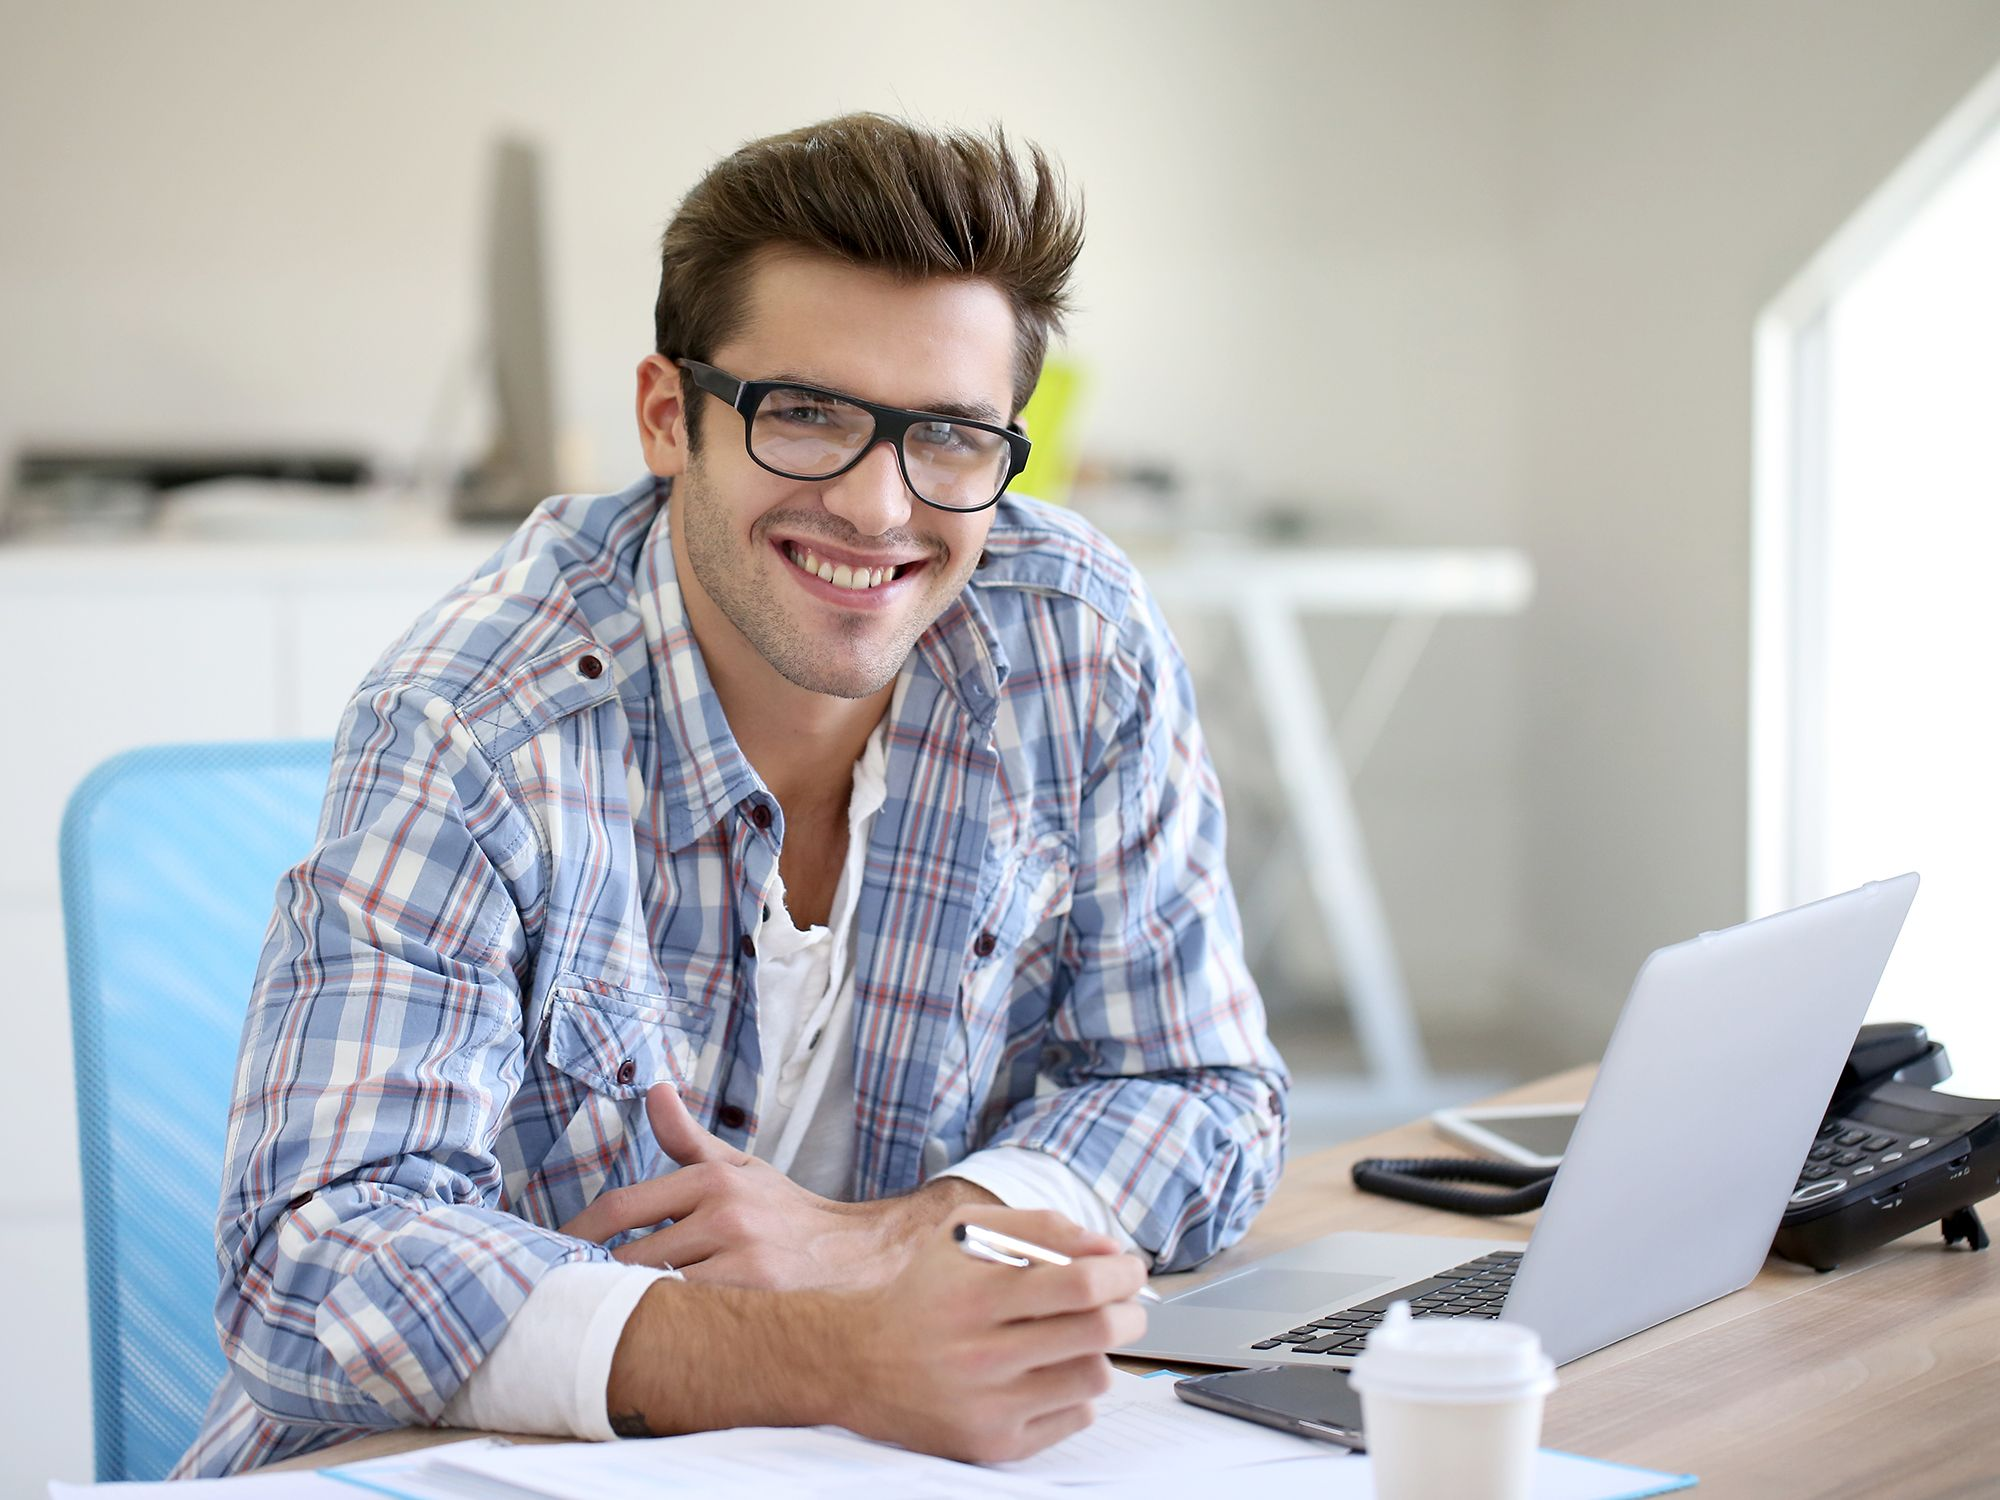 Level 4 - Büroassistenten, Büroassistentinnen, Büroassistent, Assistenz der Geschäftsführung, Büro Assistenz, Bürohilfskraft, Bürofachkraft, Büroangestellten, Bürohilfen, Bürofachkraft, Assistenten und Bürokraft, Leiharbeiter, Zeitarbeiter, Leiharbeitnehmer, Leihkraft, Temporärarbeiter für Büros, Büroarbeit, Büroaufgaben, Bürotätigkeiten, Büroorganisation, Urlaubsvertretung und Rekrutierung bei uns als Personalagentur, Zeitarbeitsfirma, Zeitarbeitsunternehmen, Personal-Service-Agentur, Personaldienstleistungsagentur und Leiharbeitsfirma per Arbeitnehmer-Leasing, Arbeitnehmerüberlassung, Arbeitskräfte-Leasing, Arbeitskräfteüberlassung, Arbeitskraftüberlassung, Leiharbeit, Mitarbeiter-Leasing, Mitarbeiterleasing, Mitarbeiterüberlassung, Personaldienstleistung, Personalleasing, Personalüberlassung, Temporärarbeit, Zeitarbeit buchen, mieten, leihen oder langfristig neue Mitarbeiter für Jobs wie Büro Jobs, Schülerjobs, Ferienjobs, Aushilfsjobs, Studentenjobs, Werkstudentenjobs, Saisonjobs, Vollzeit Jobs, Teilzeit Jobs, Nebenjobs, Temporär Jobs, Gelegenheitsjobs per Personalvermittlung suchen, finden und vermittelt bekommen.